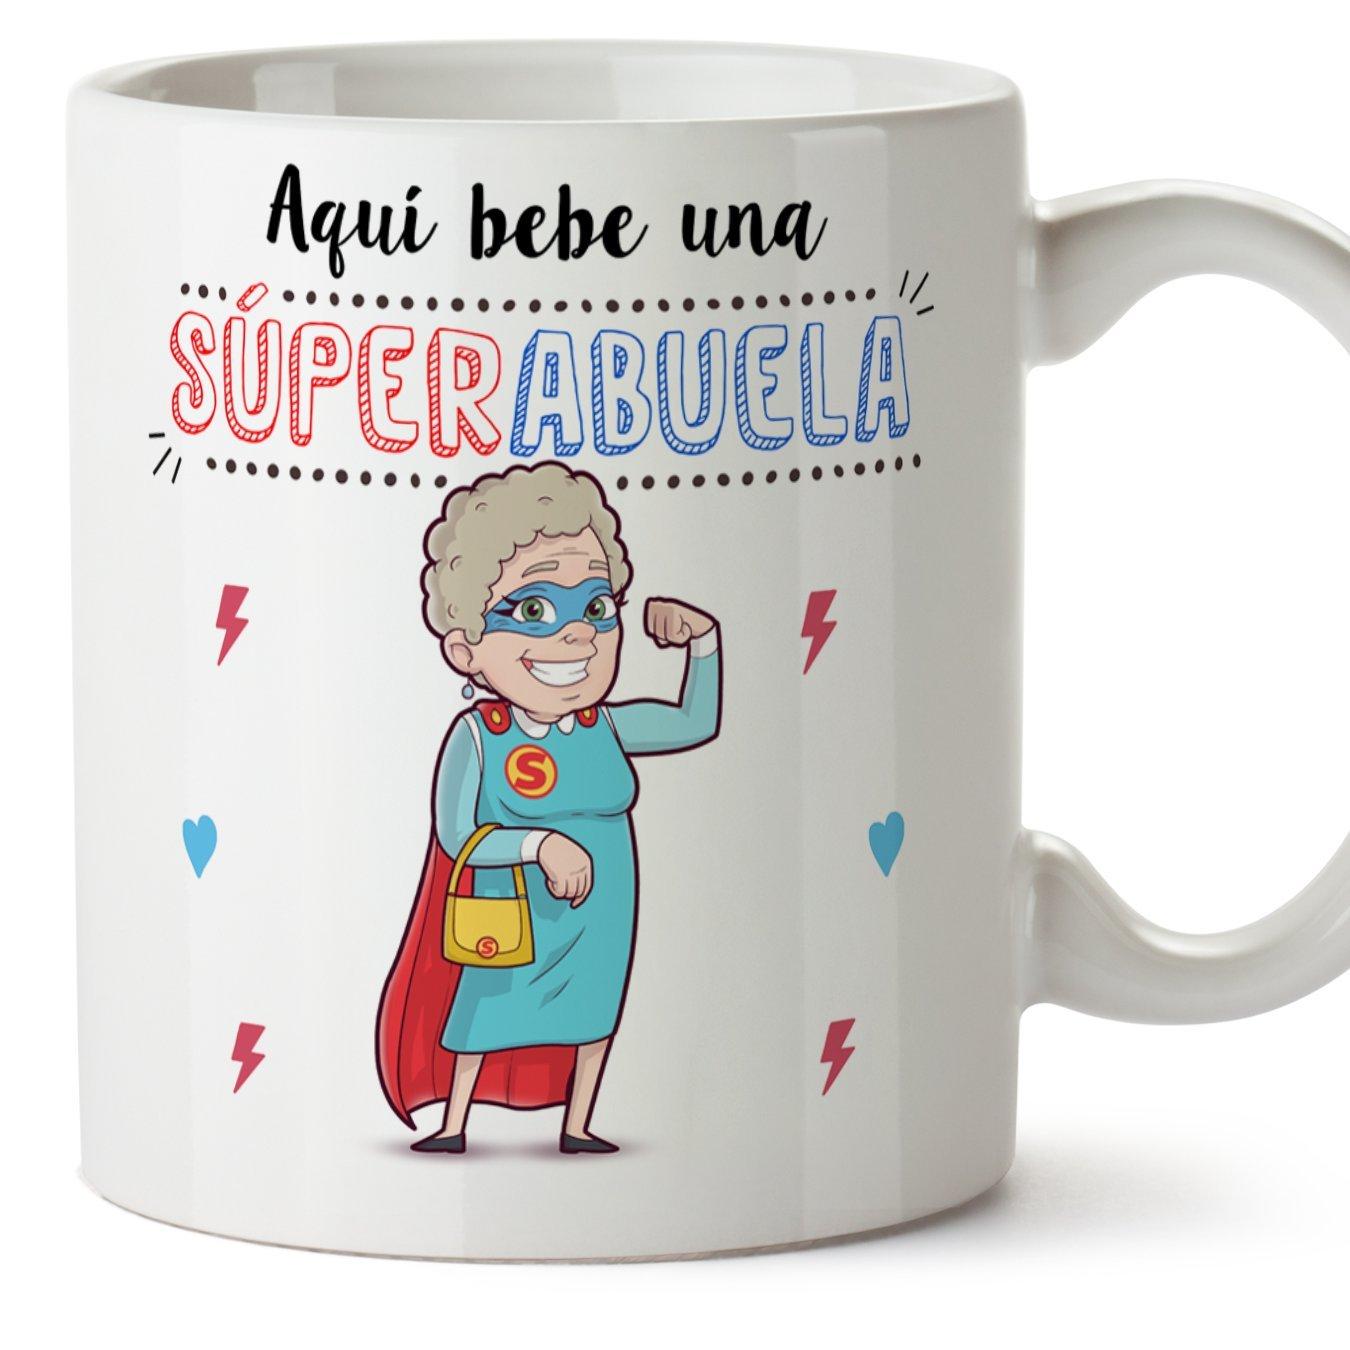 Tazas para Abuelas – AQUÍ Bebe UNA Super Abuela – La Mejor Taza Desayuno del Mundo